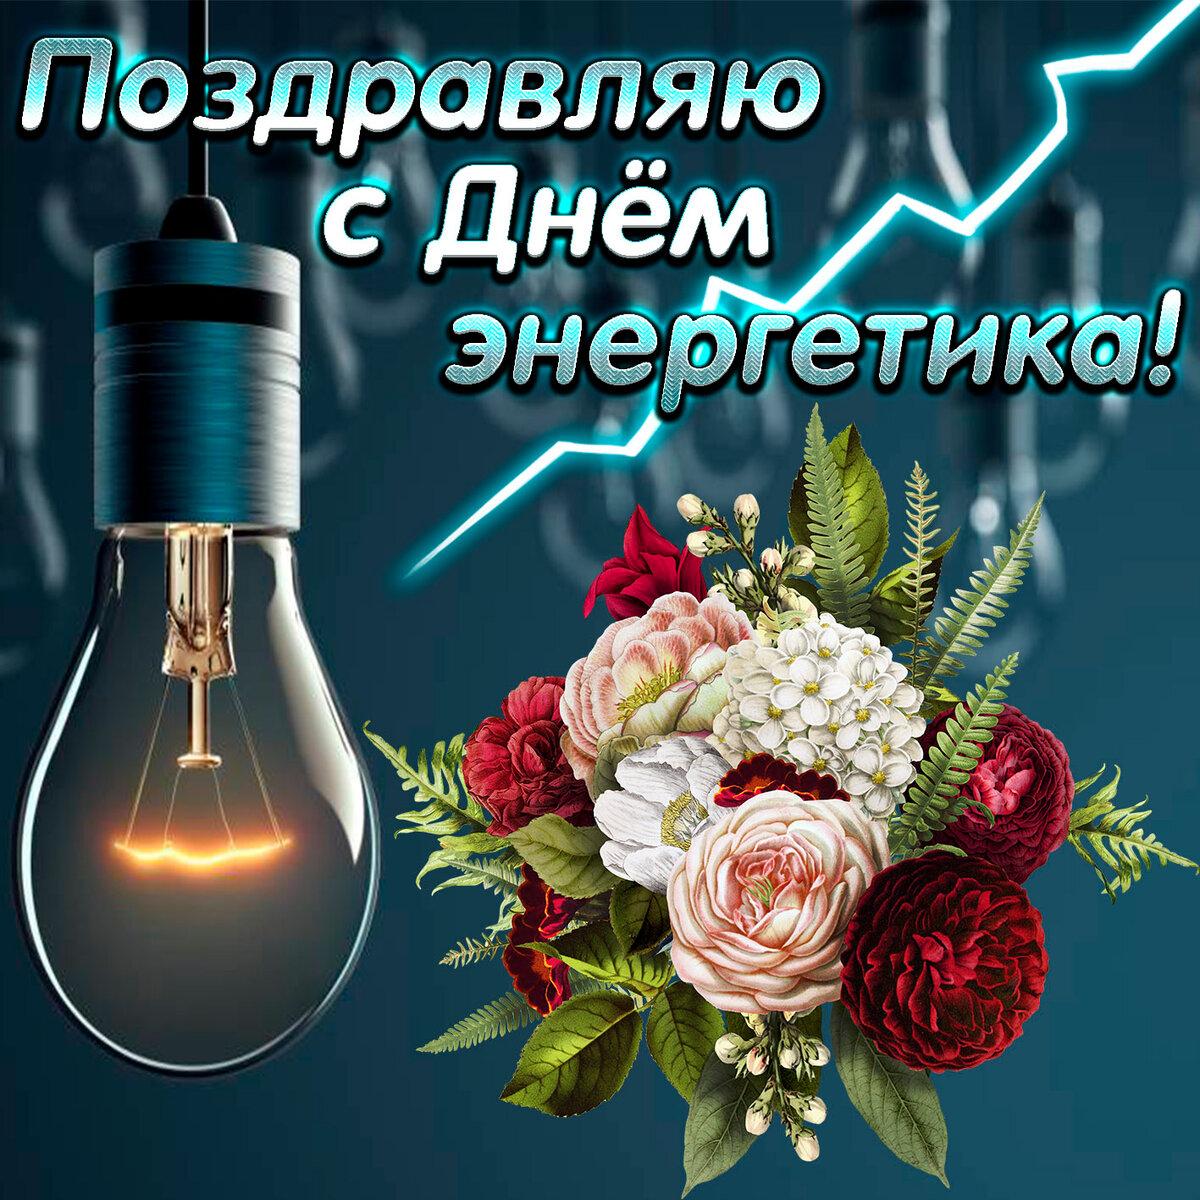 Класс, картинки с поздравлениями в день энергетика